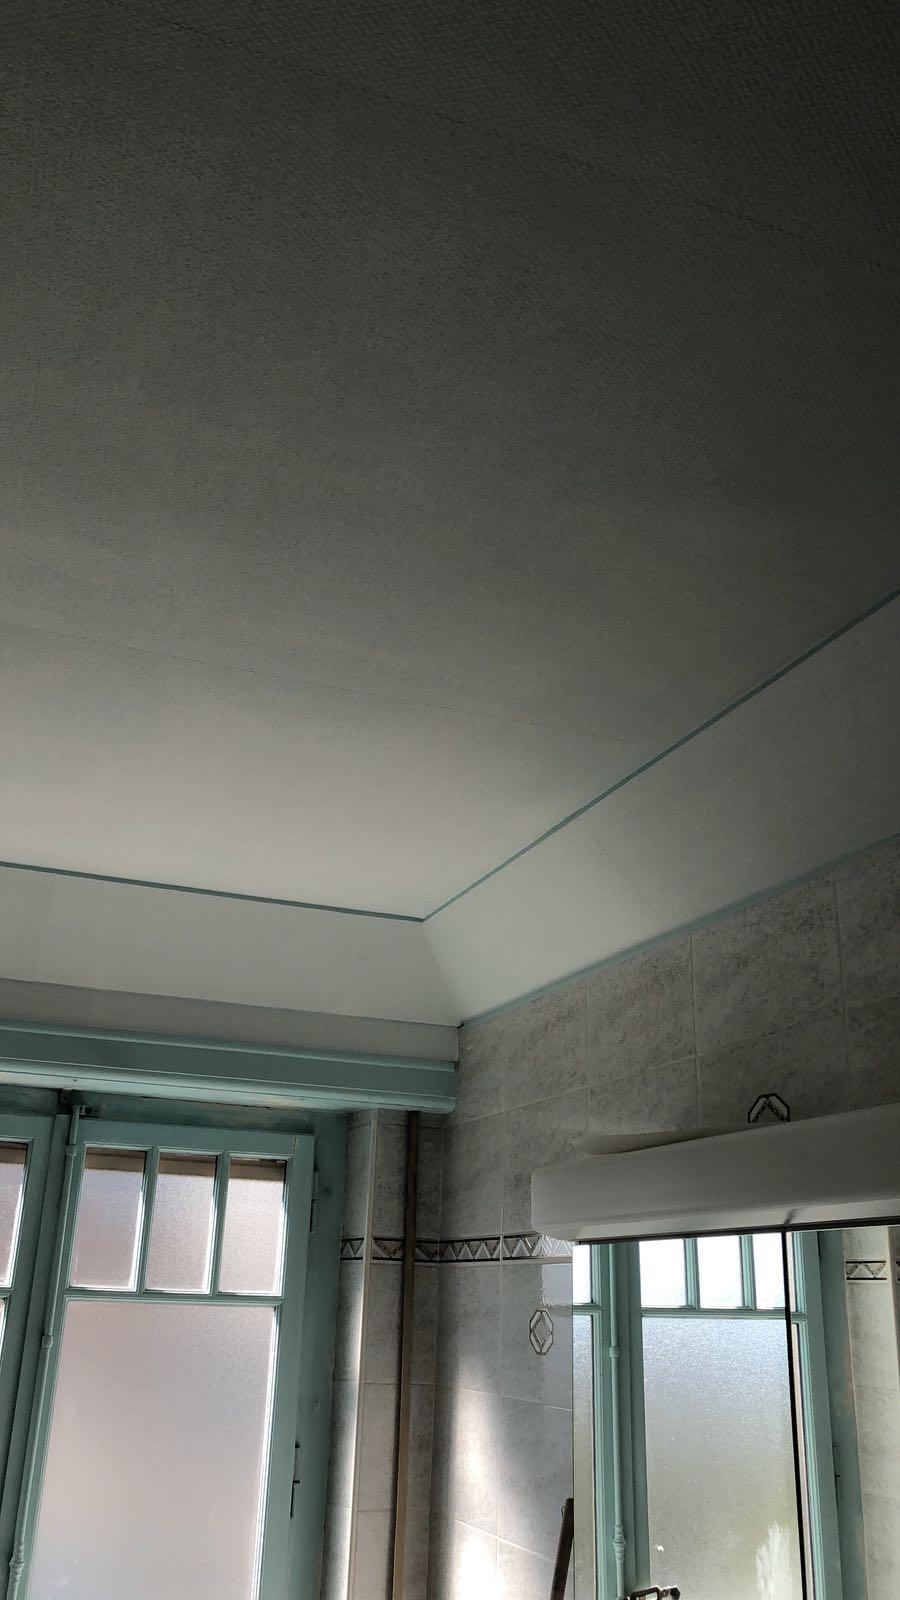 Nous avons posé sur ce plafond un voile en fibre de verre pour consolider la surface du plafond et ainsi éviter les micro-fissures